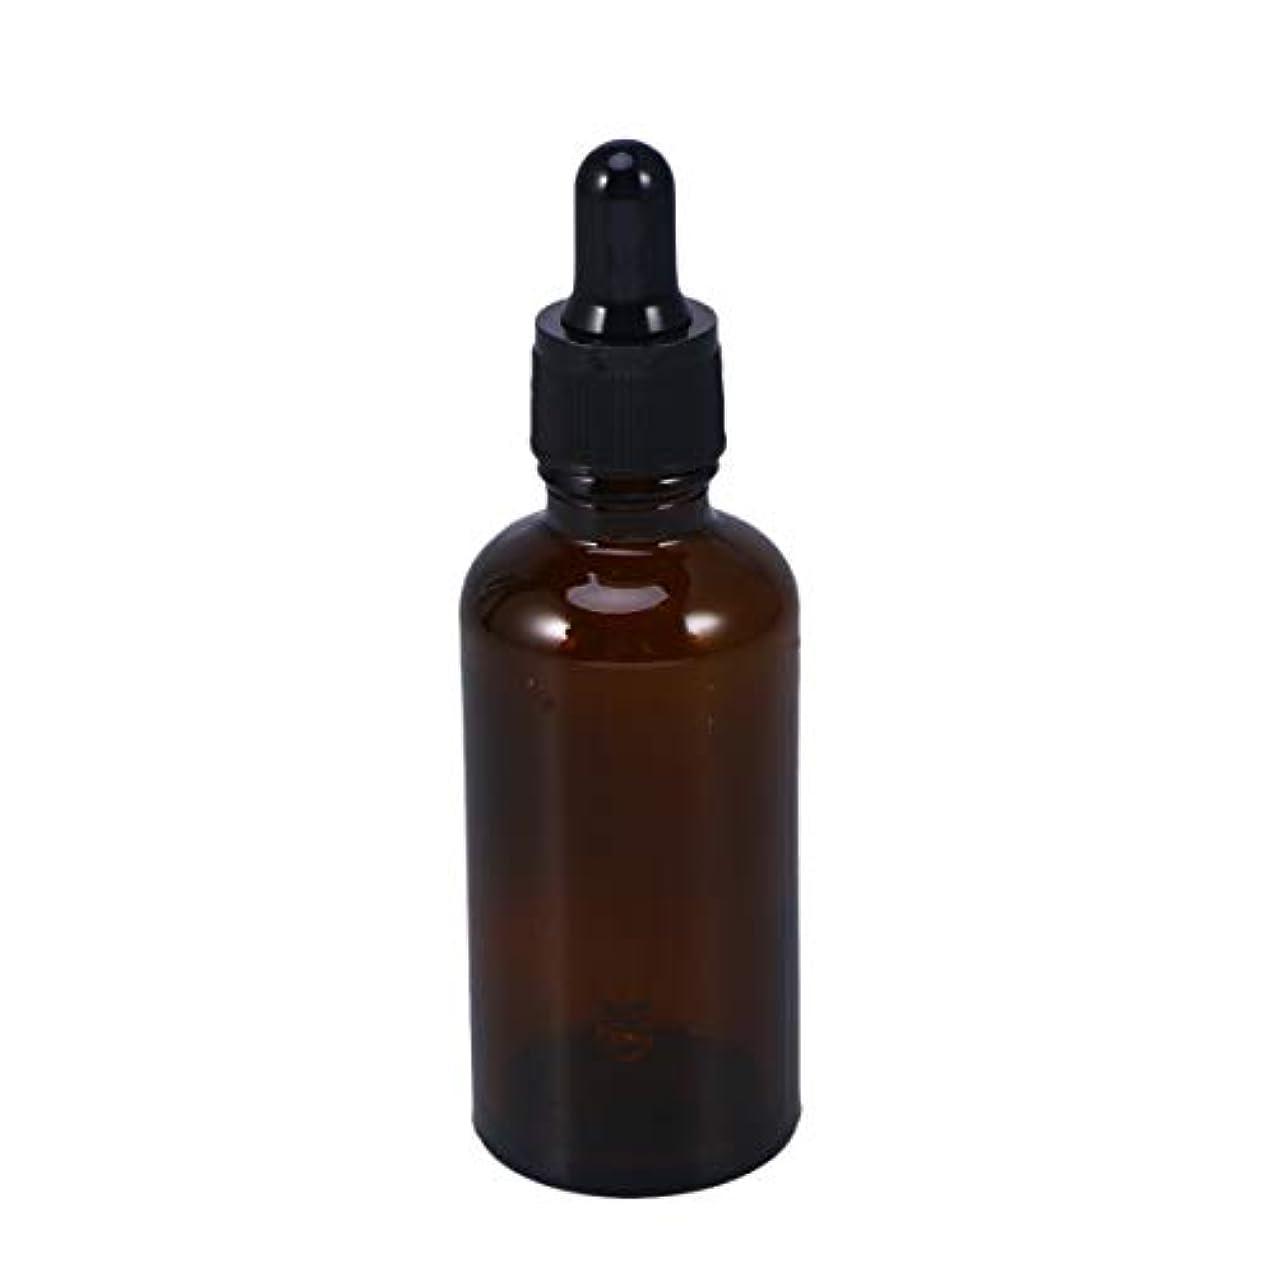 そこ暗くするマウンドFrcolor 遮光瓶 スポイト遮光瓶 スポイト付き アロマボトル 50ml 保存容器 エッセンシャルオイル 香水 保存用 詰替え ガラス 茶色